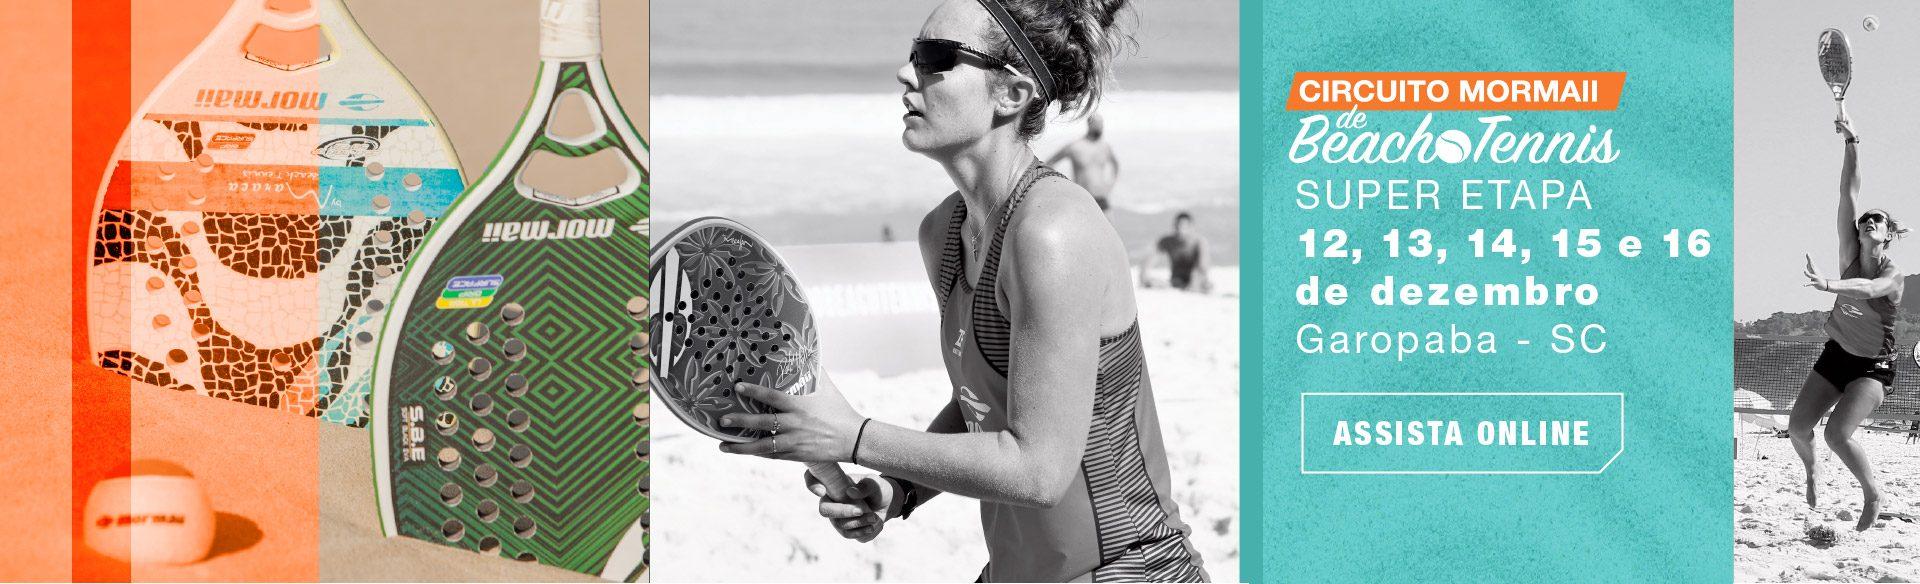 circuito mormaii de beach tennis garopaba super etapa